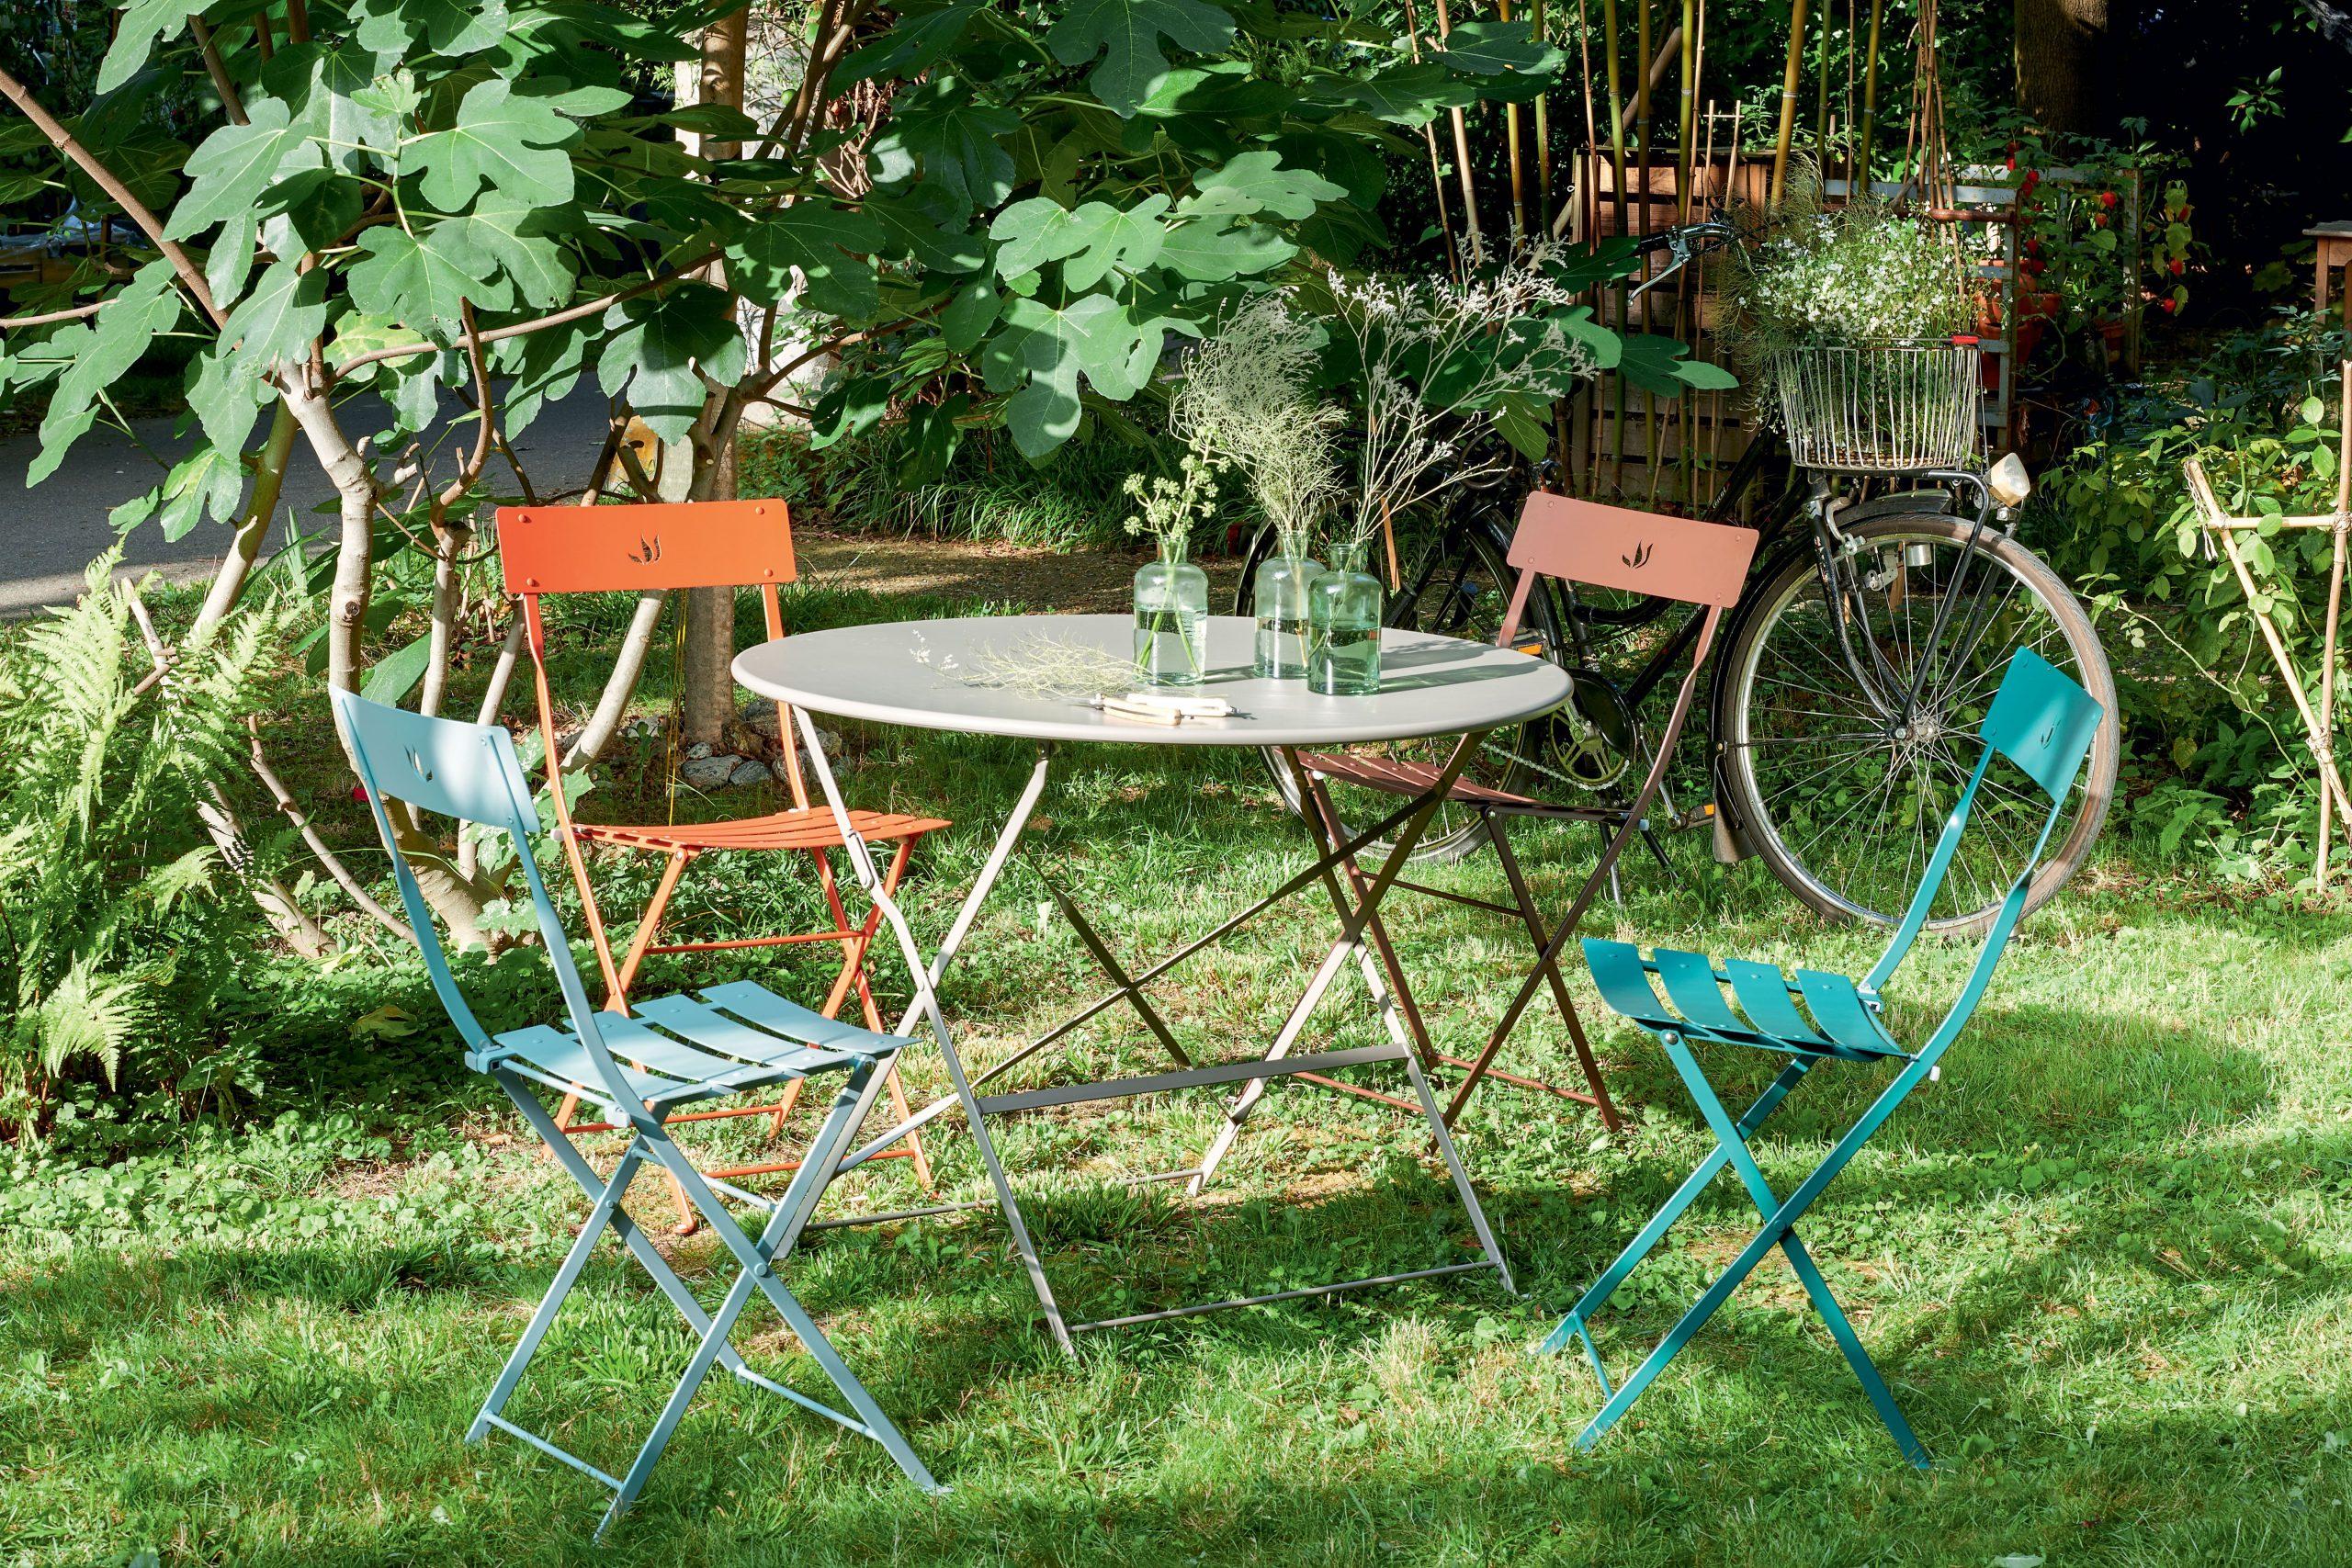 Épinglé Par Jardineries Truffaut Sur Vivre Au Jardin | Table ... concernant Table De Jardin Truffaut